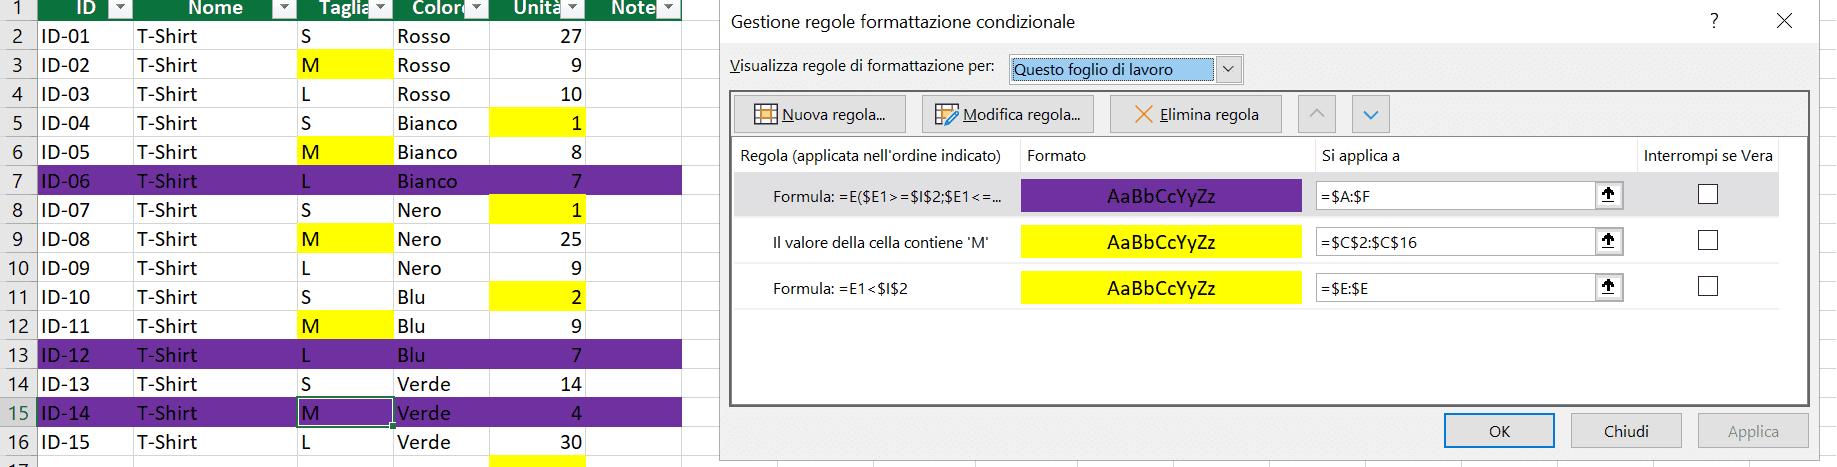 formattazione-condizionale-gerarchia-25